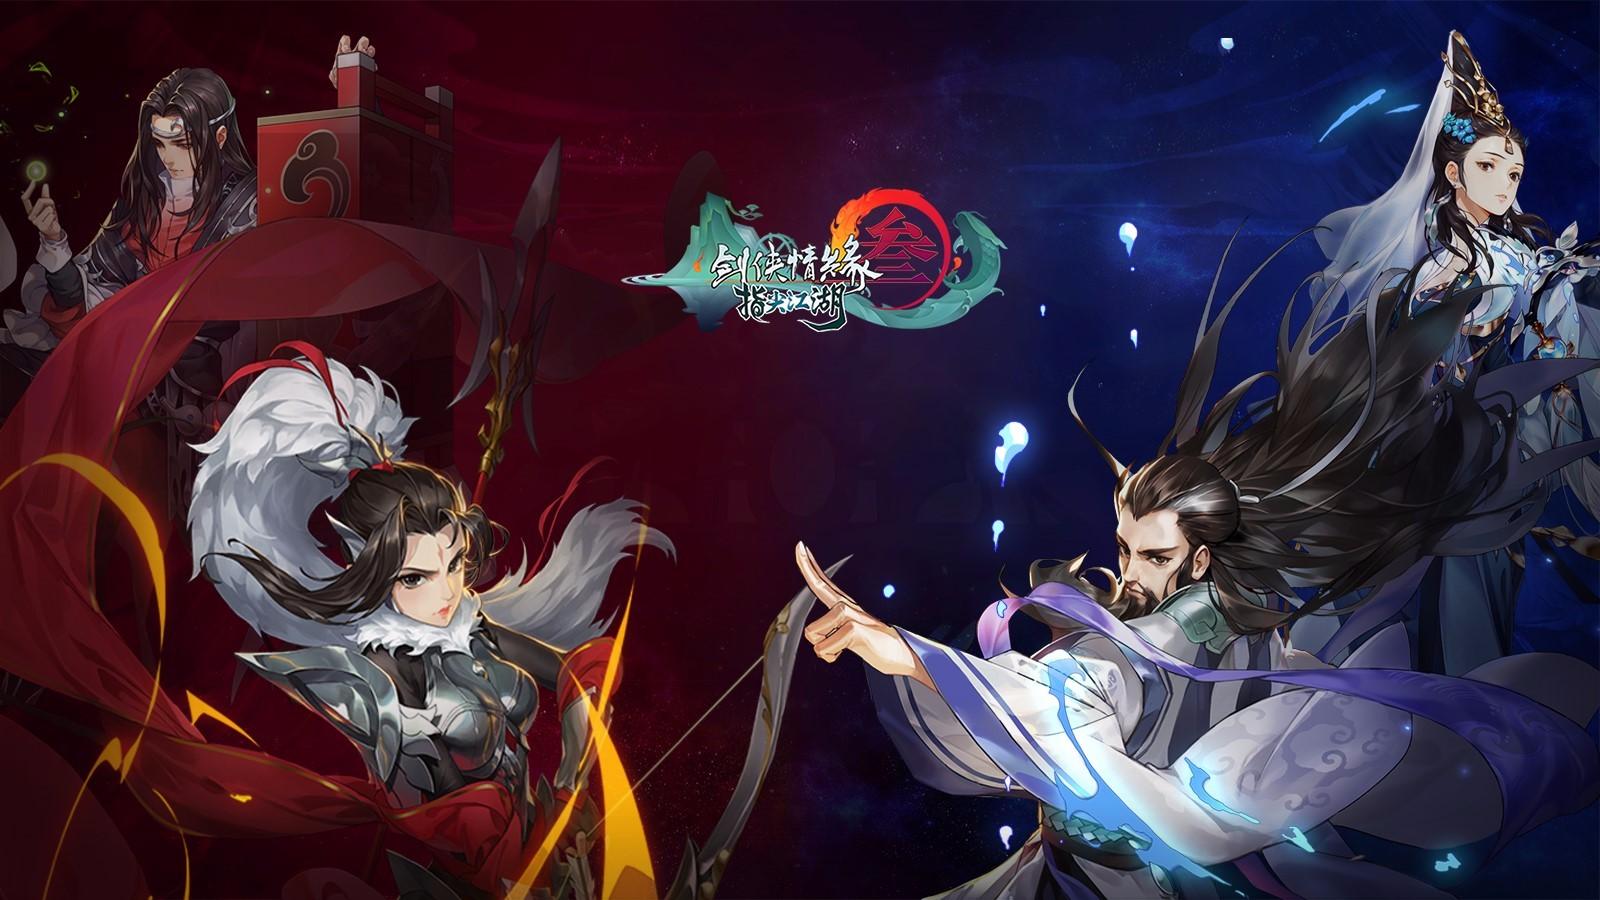 《劍網3》6月12日正式上線,江湖之大,不過指尖!